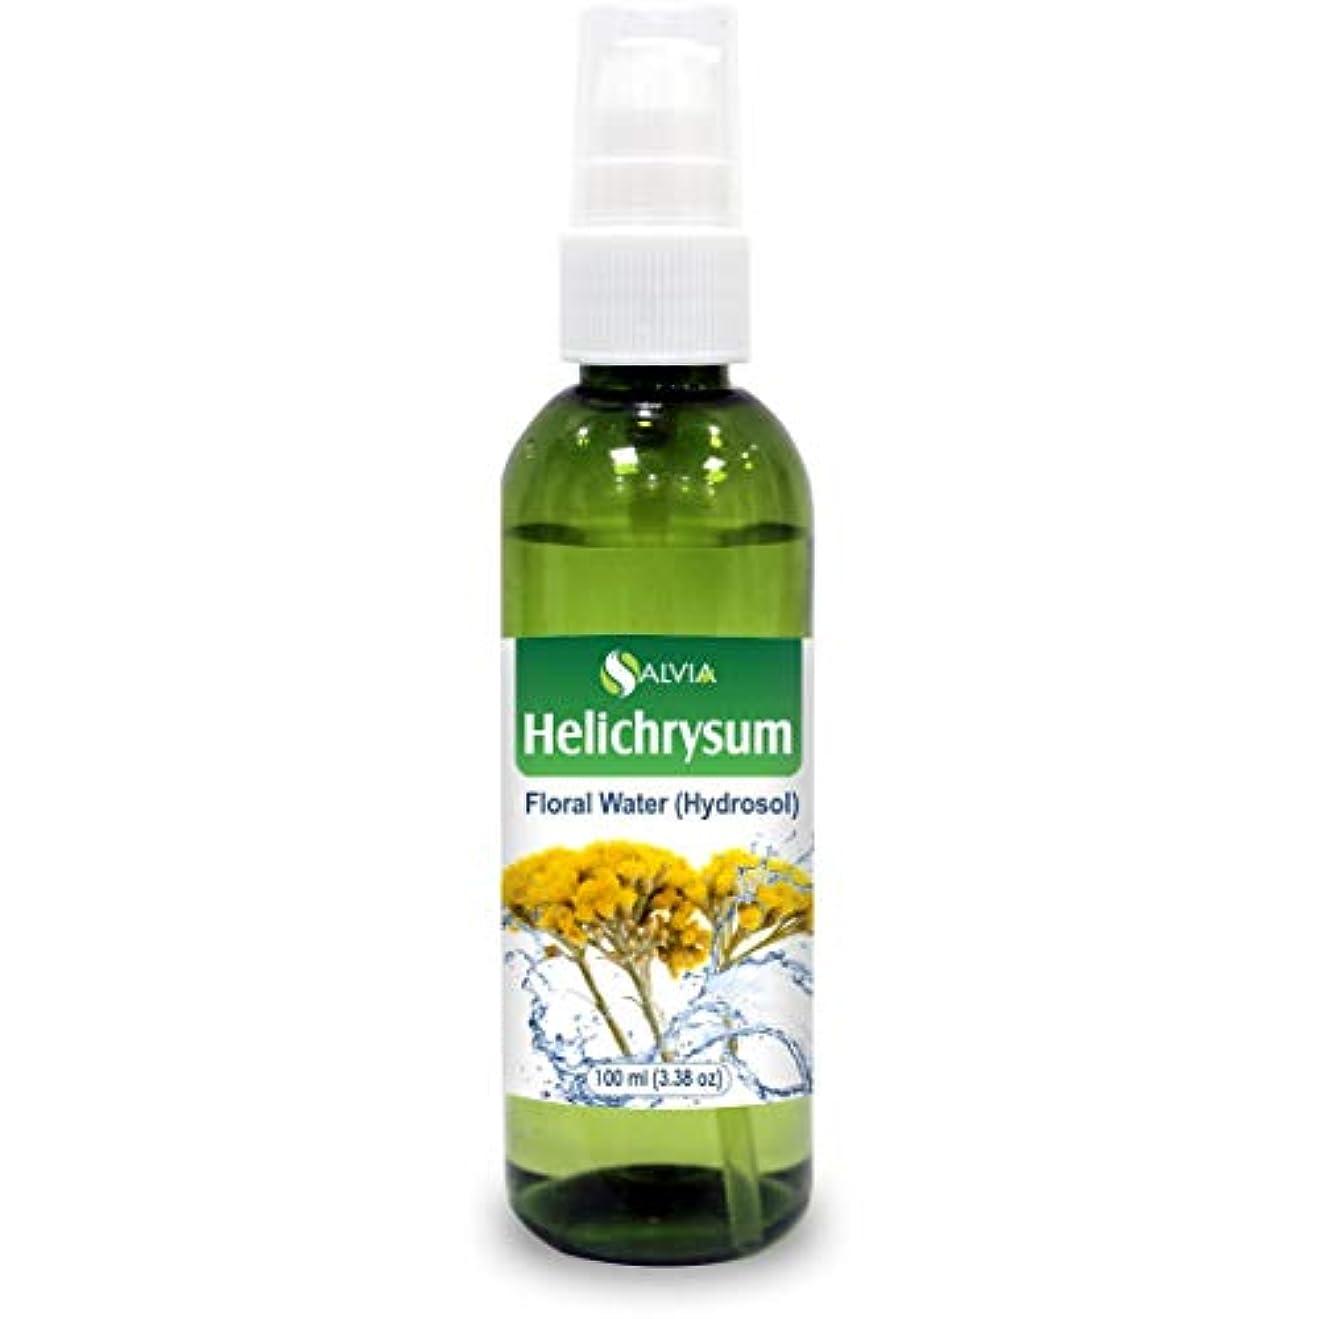 社会主義獣樫の木Helichrysum Floral Water 100ml (Hydrosol) 100% Pure And Natural